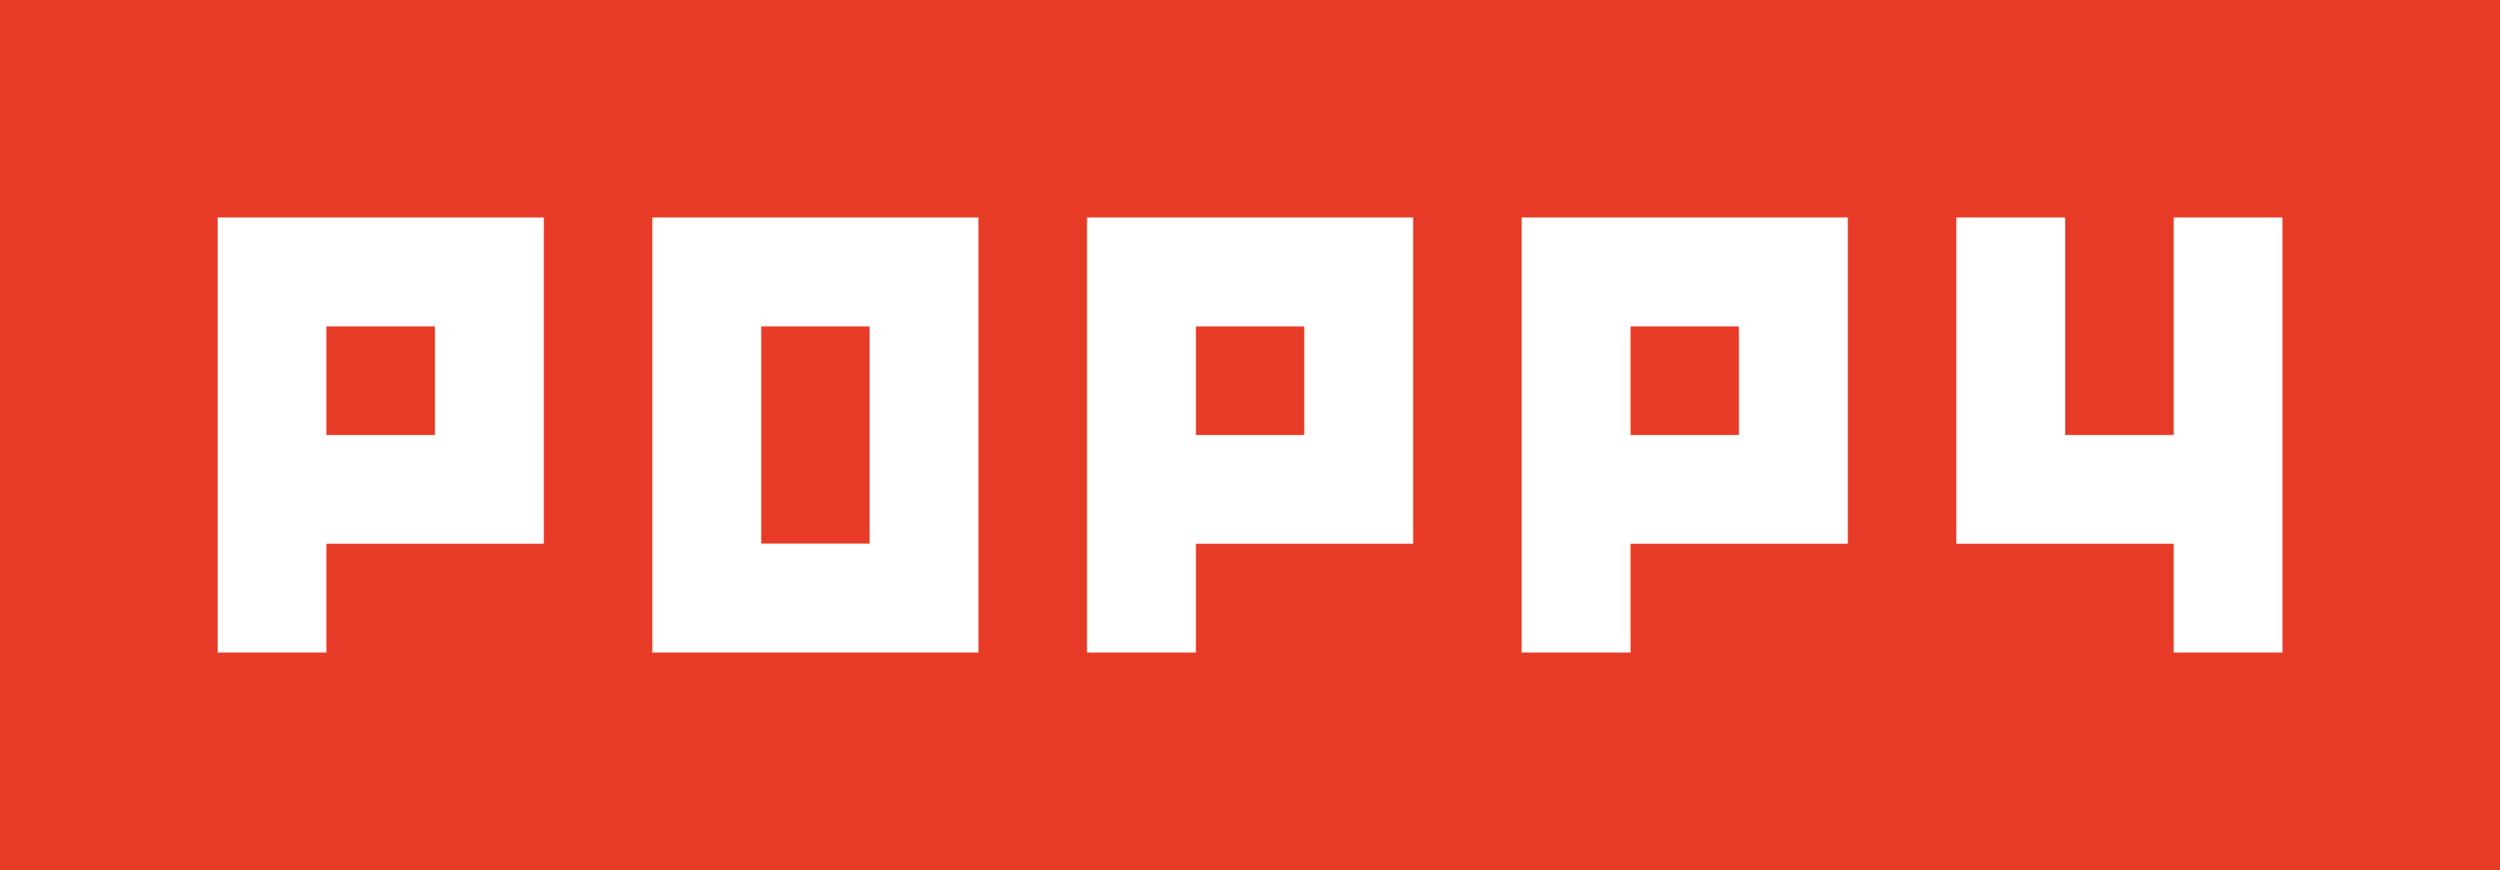 Poppy_Logotype_Negatif_cmyk_HD.png